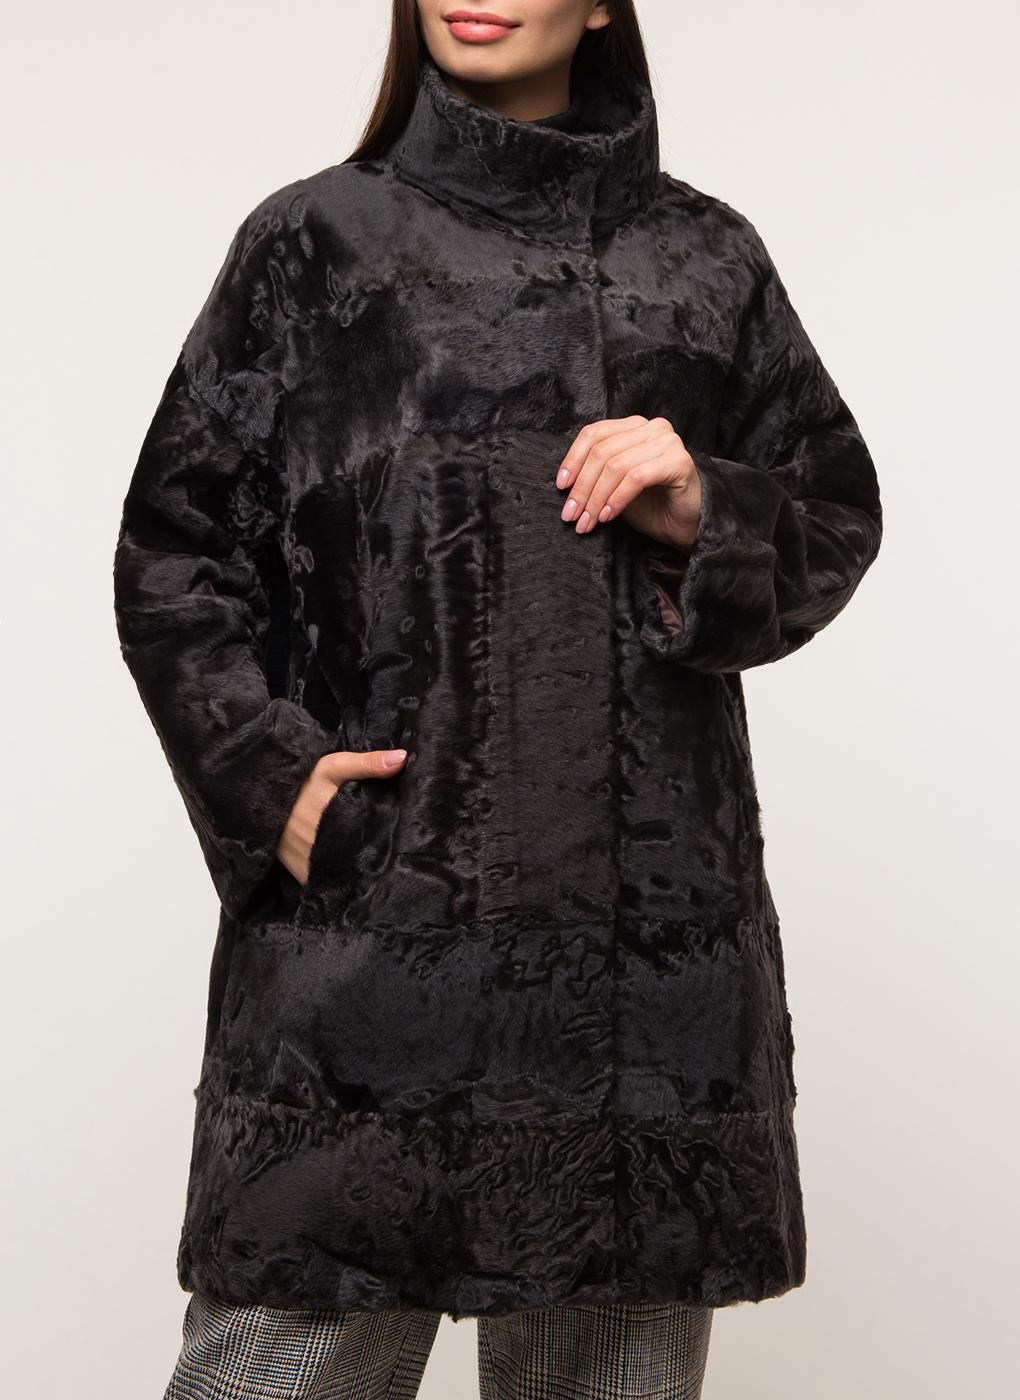 Шуба из каракуля Самина 01, Asian Furs фото